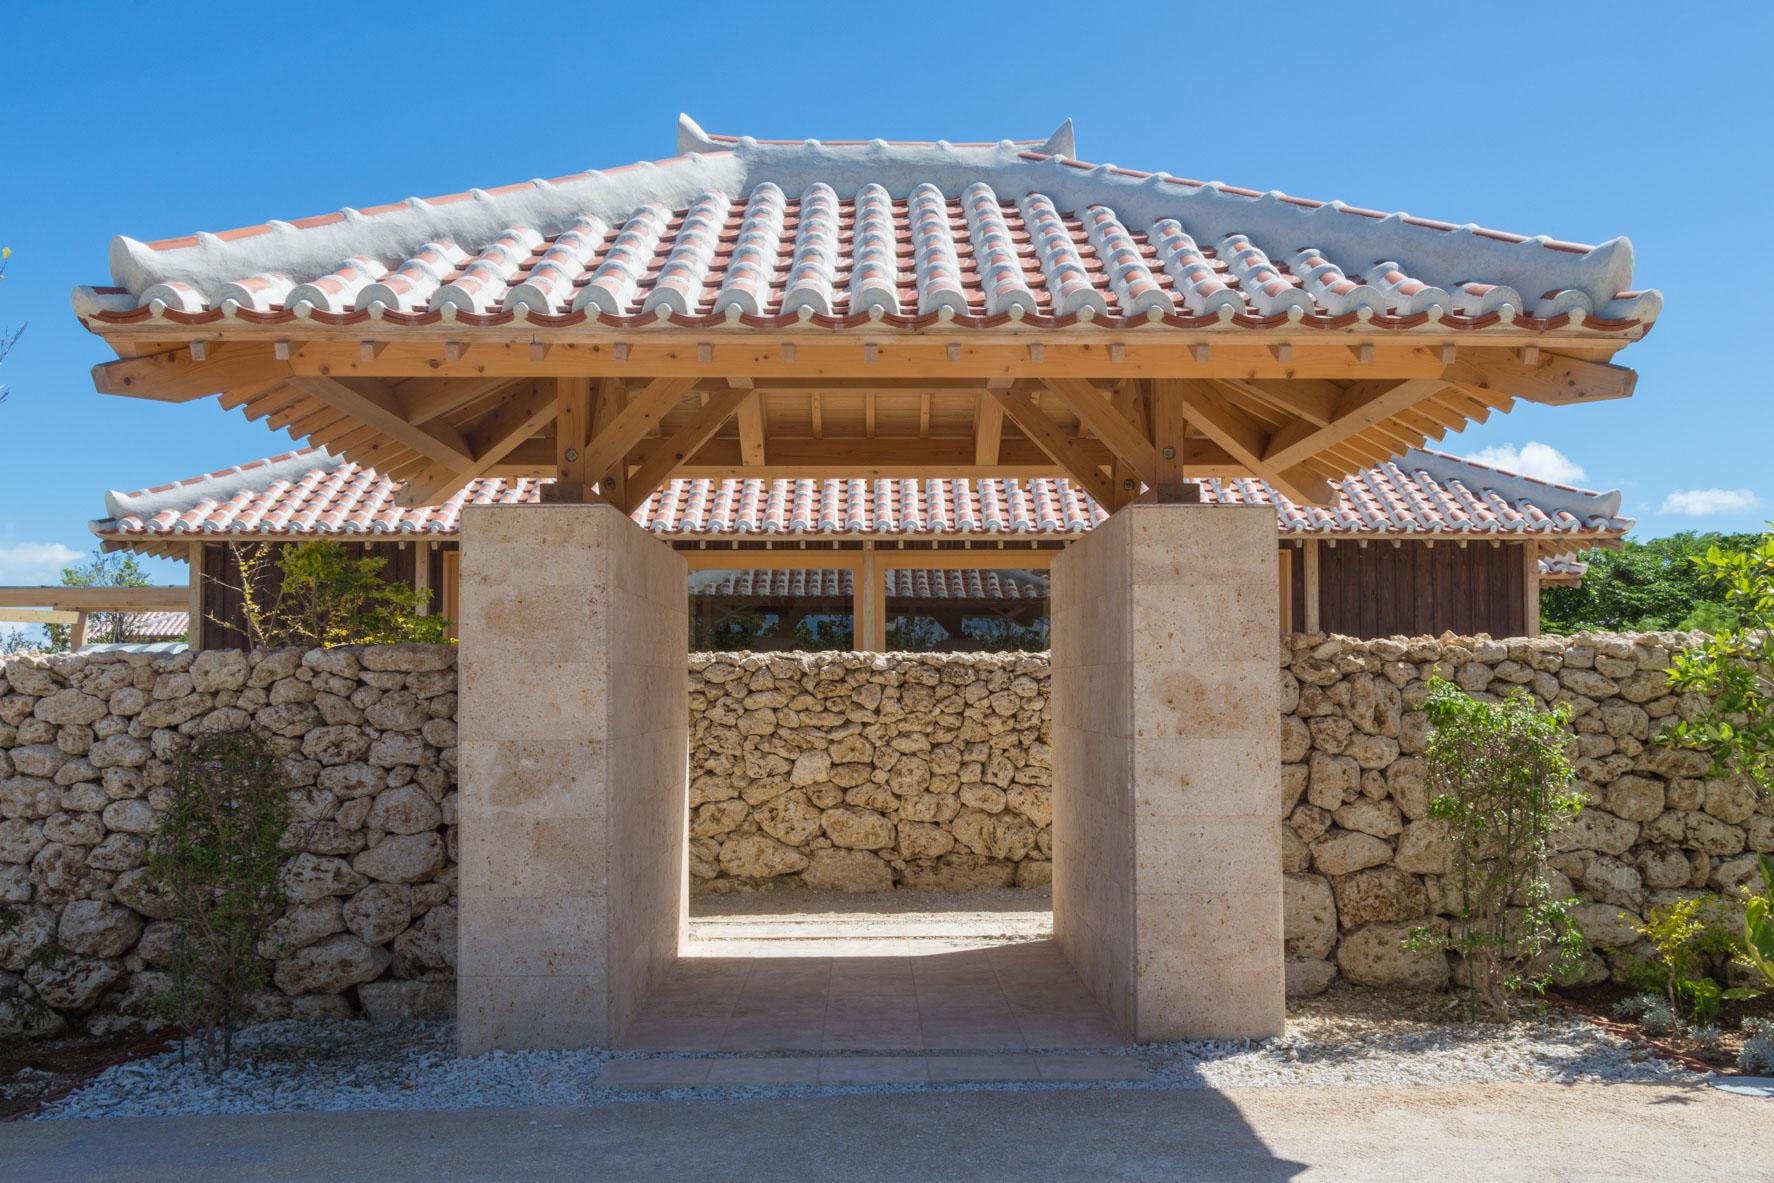 星野リゾート「星のや竹富島」紹介!高級リゾートで観光地を満喫しよう!